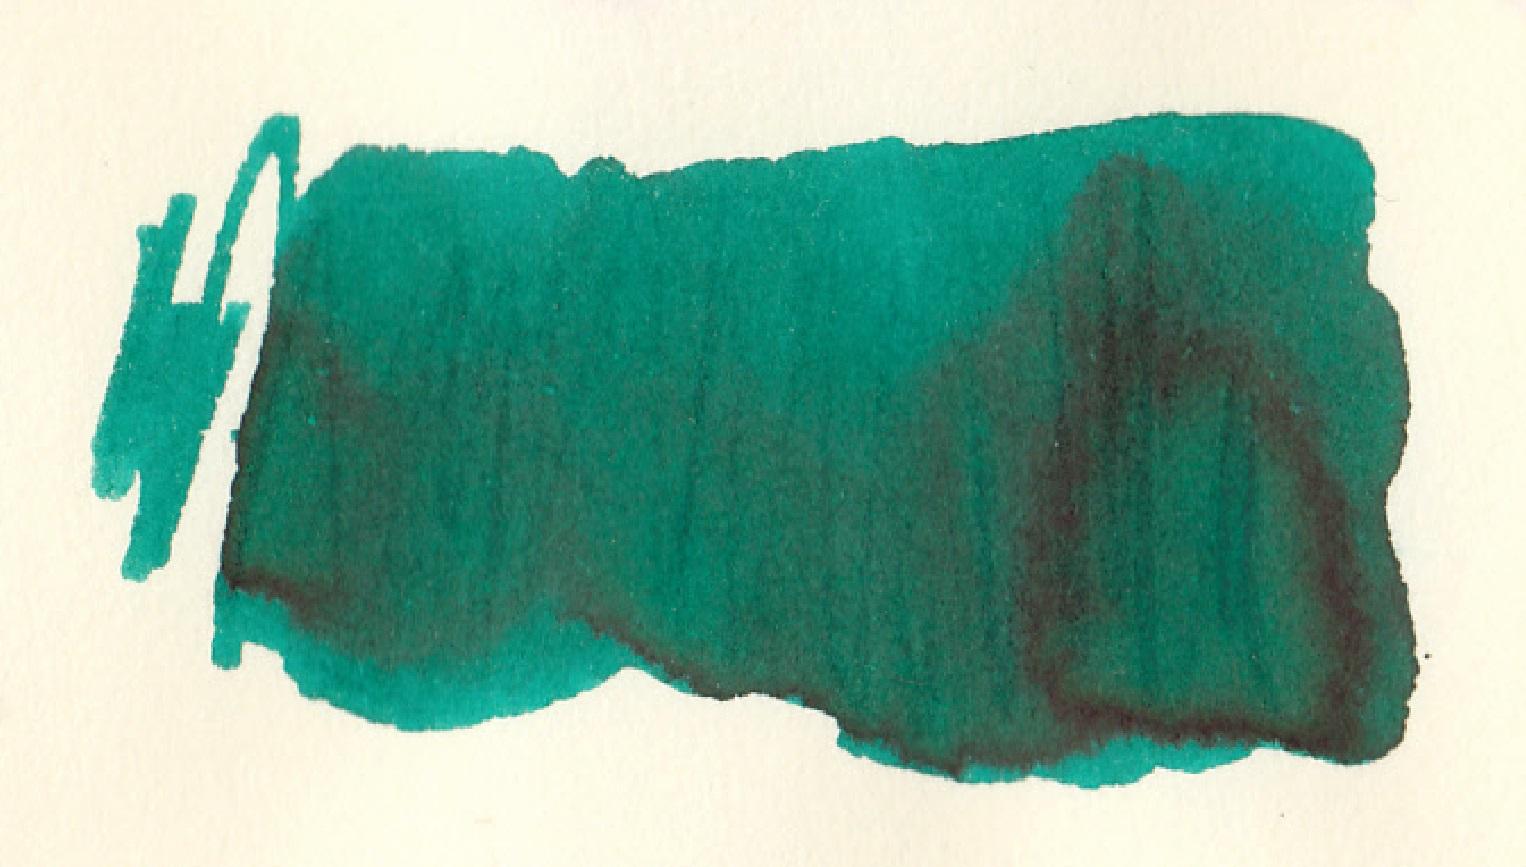 fpn_1456691786__gemstone_green_2.jpg